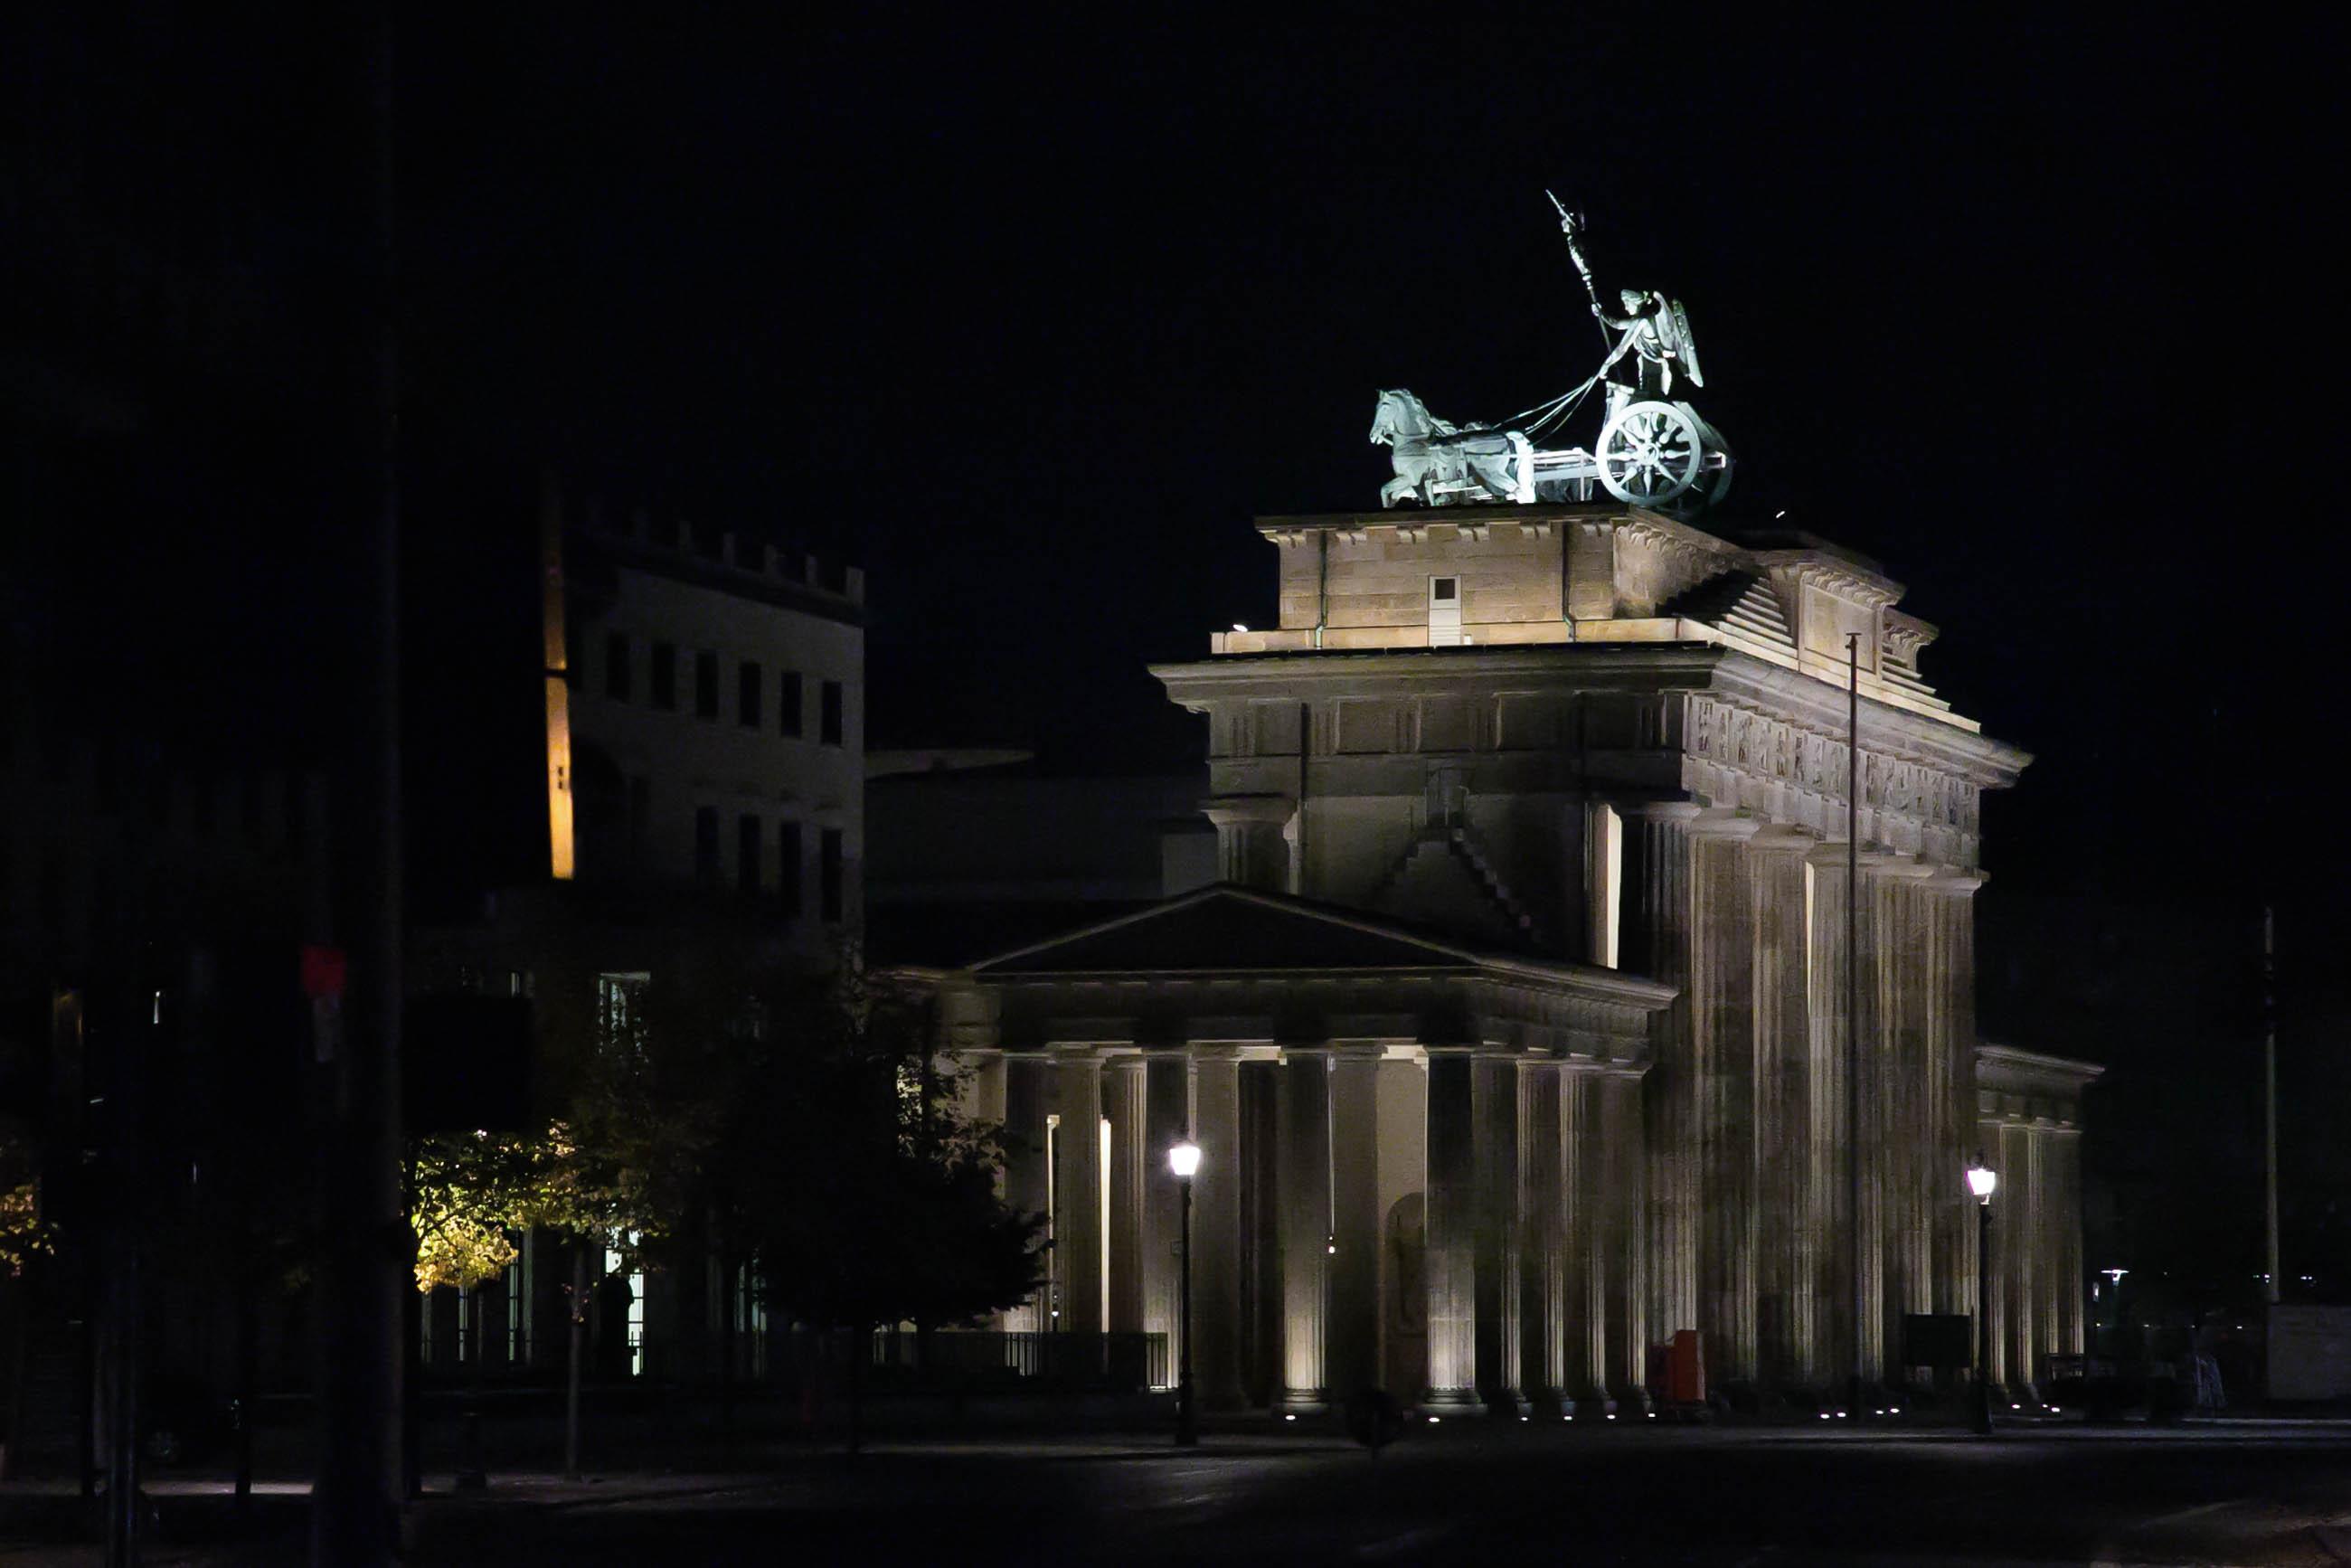 Short night in Berlin